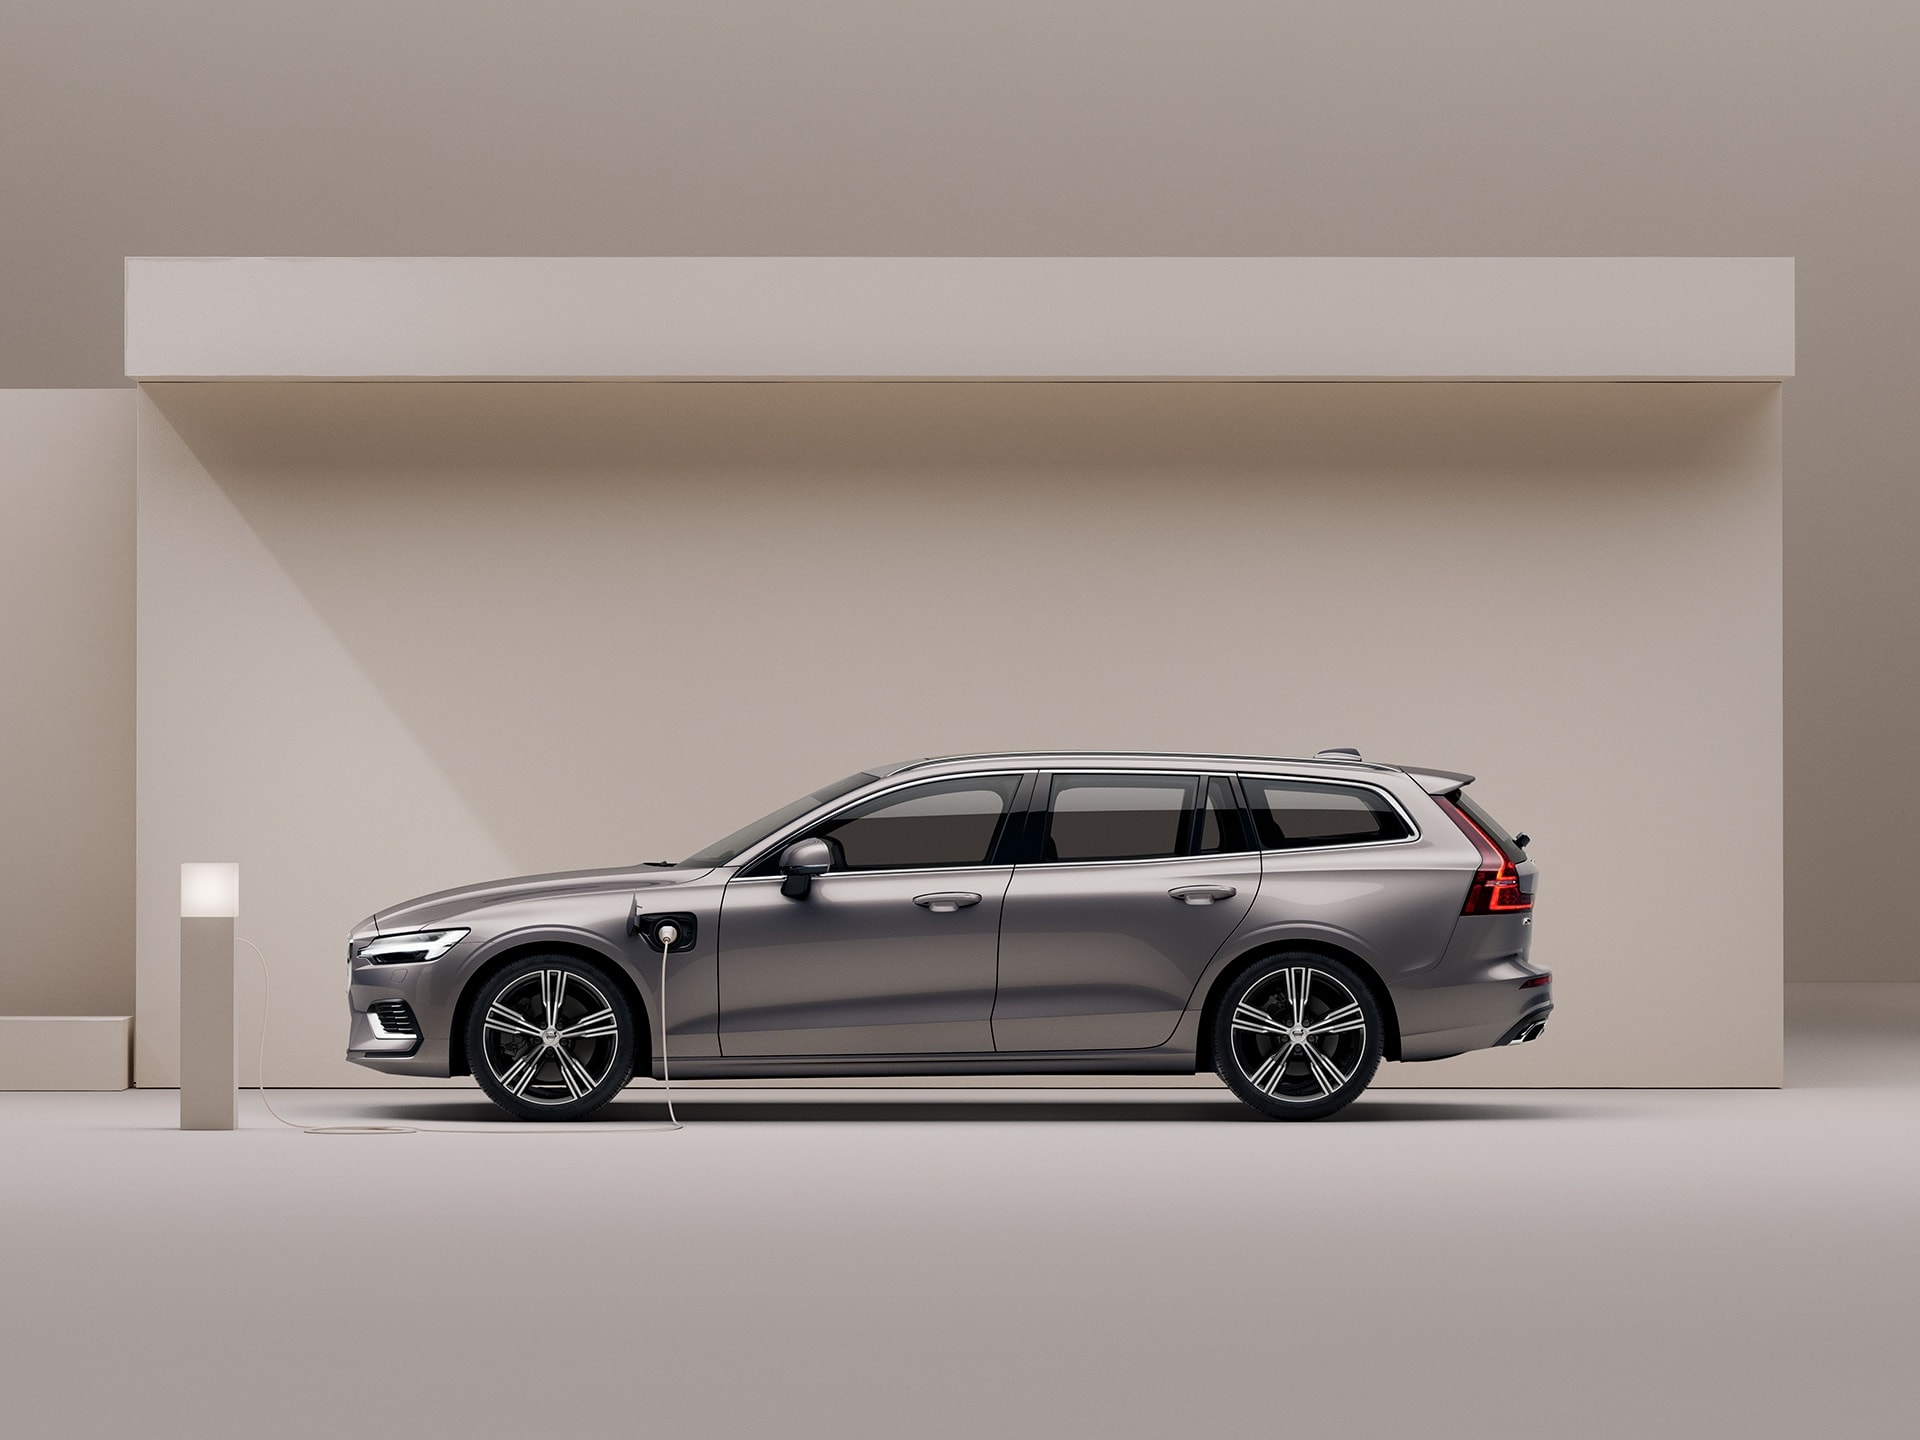 En beige Volvo V60 Recharge bliver ladet op i beige omgivelser